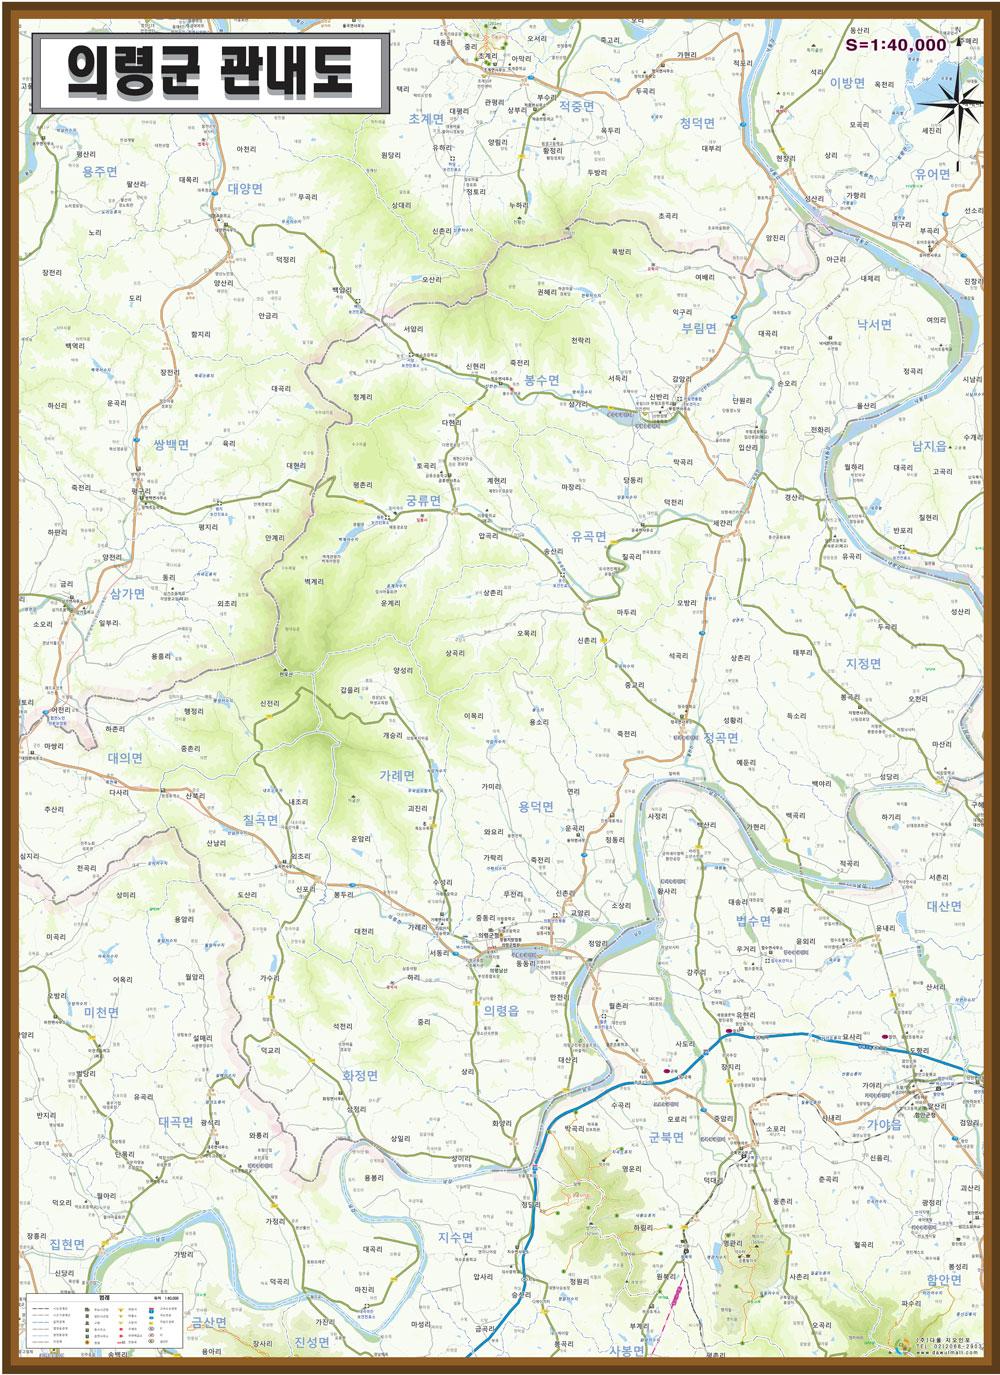 경상남도 의령군 지도 155cm X 110cm